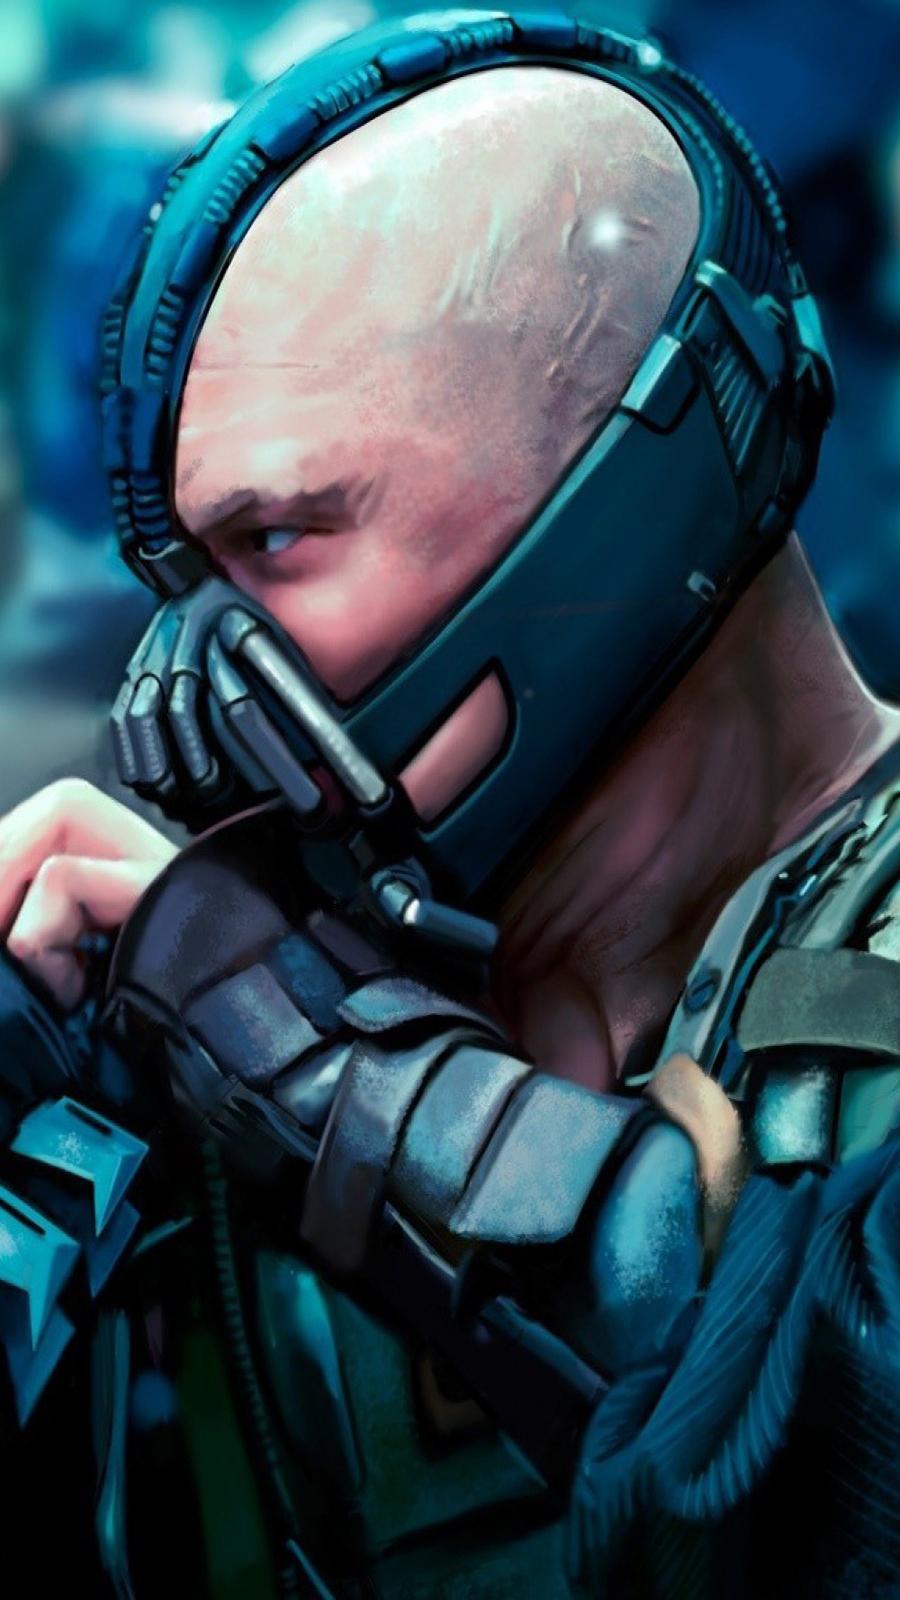 Bane Batman Wallpapers Free Download